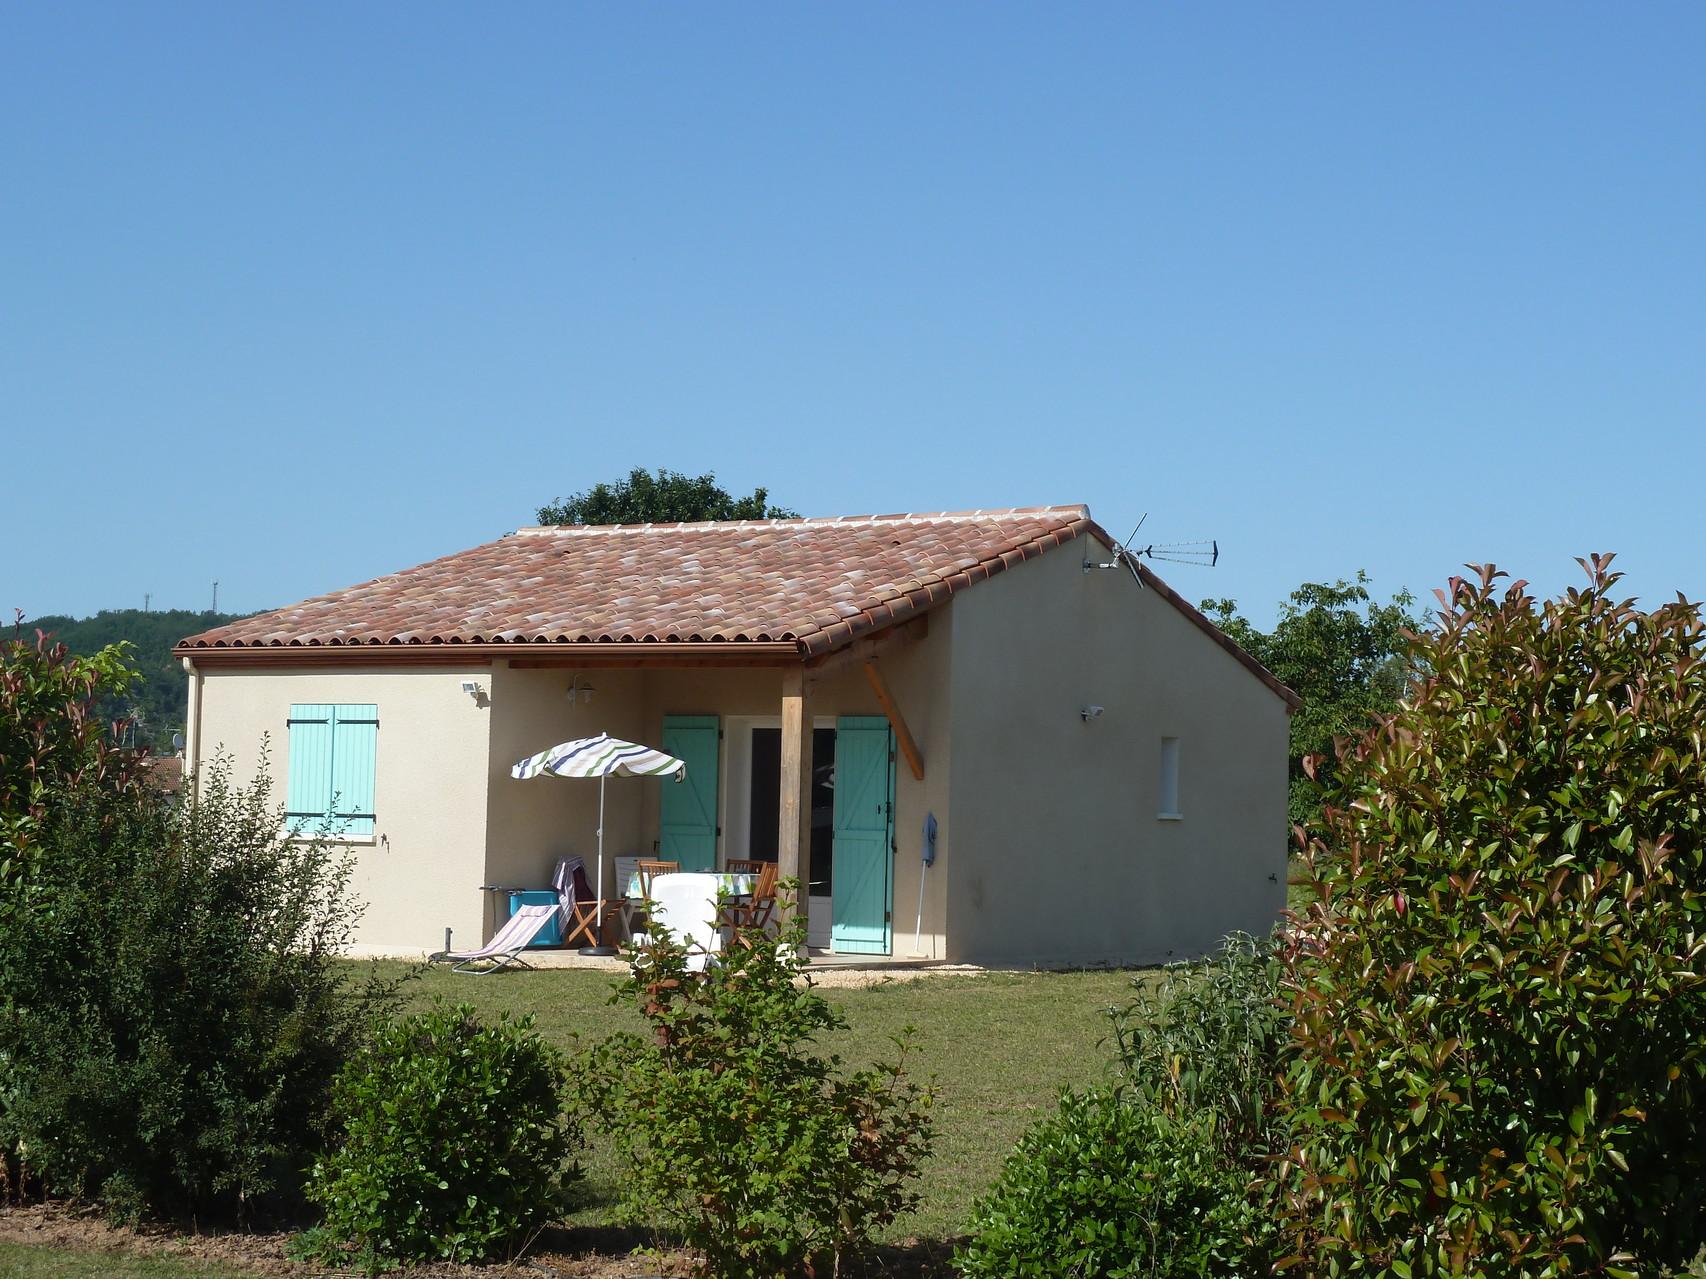 Gite 2 chambres, cuisine équipée, salle à manger, salle d'eau et WC séparés. Terrasse avec salon de jardin